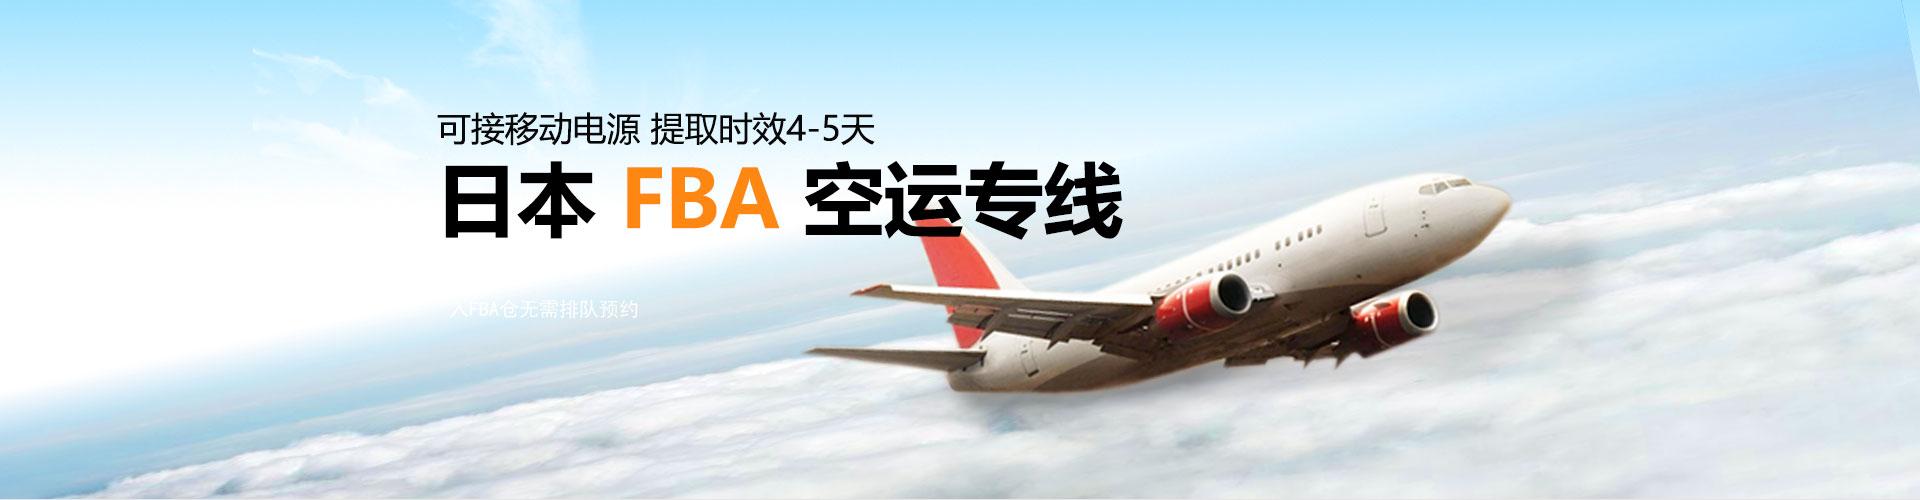 日本FBA空运专线